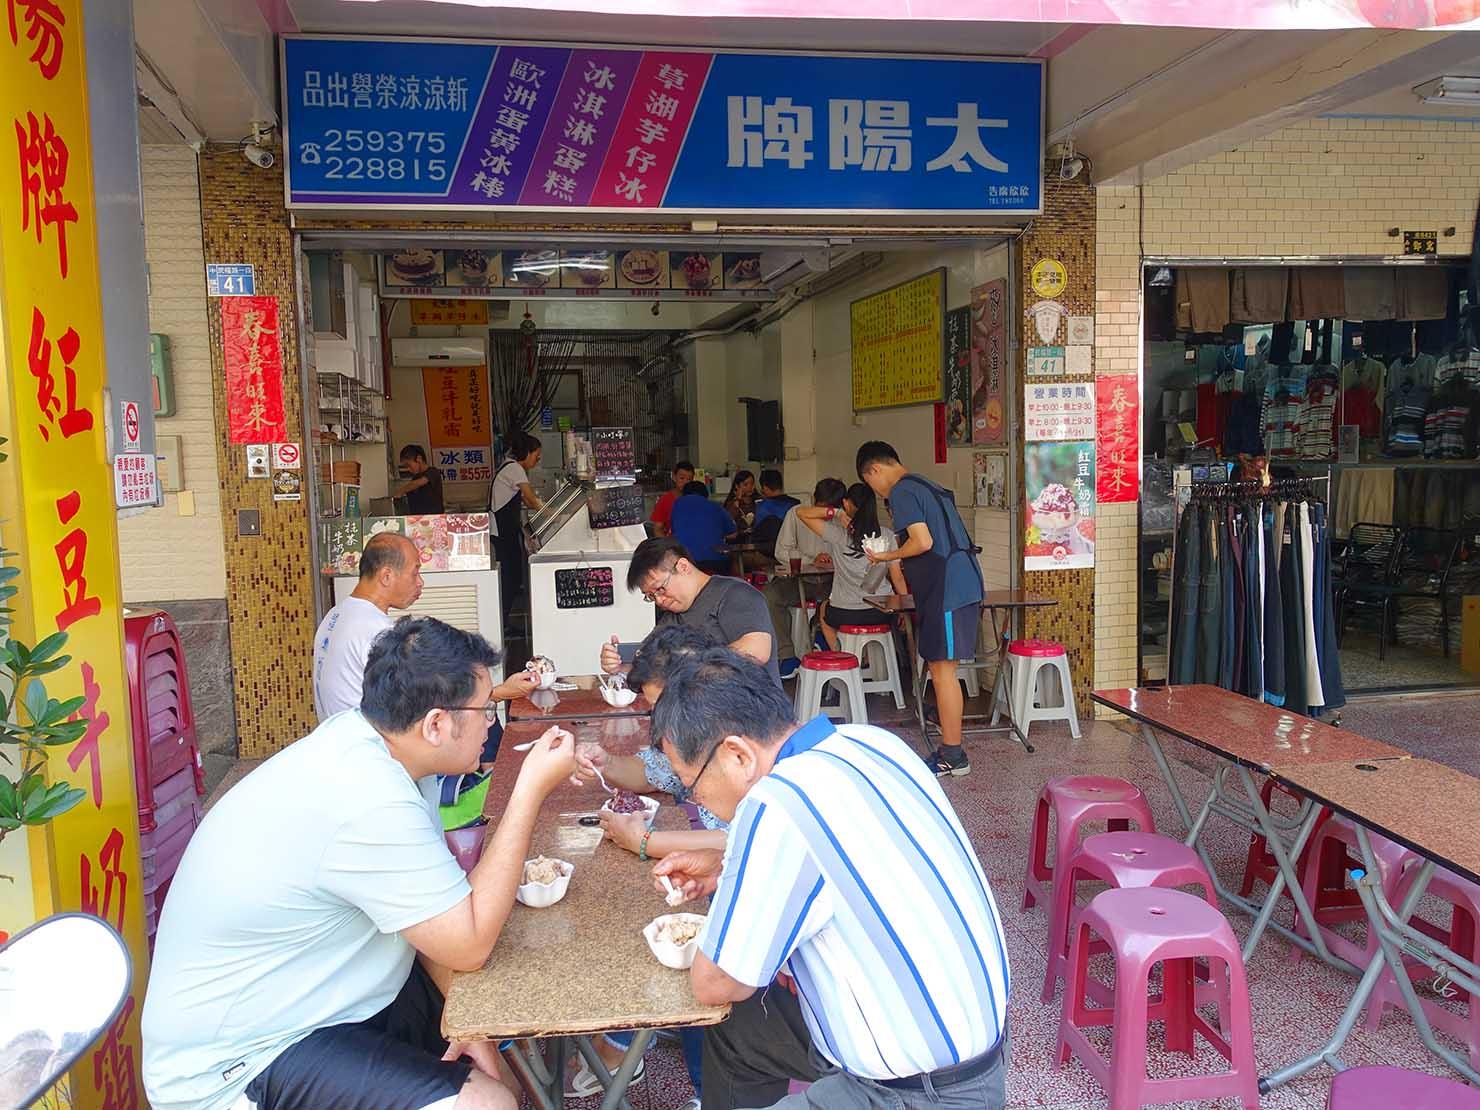 台南の美味しいかき氷のお店「太陽牌冰品」の店内